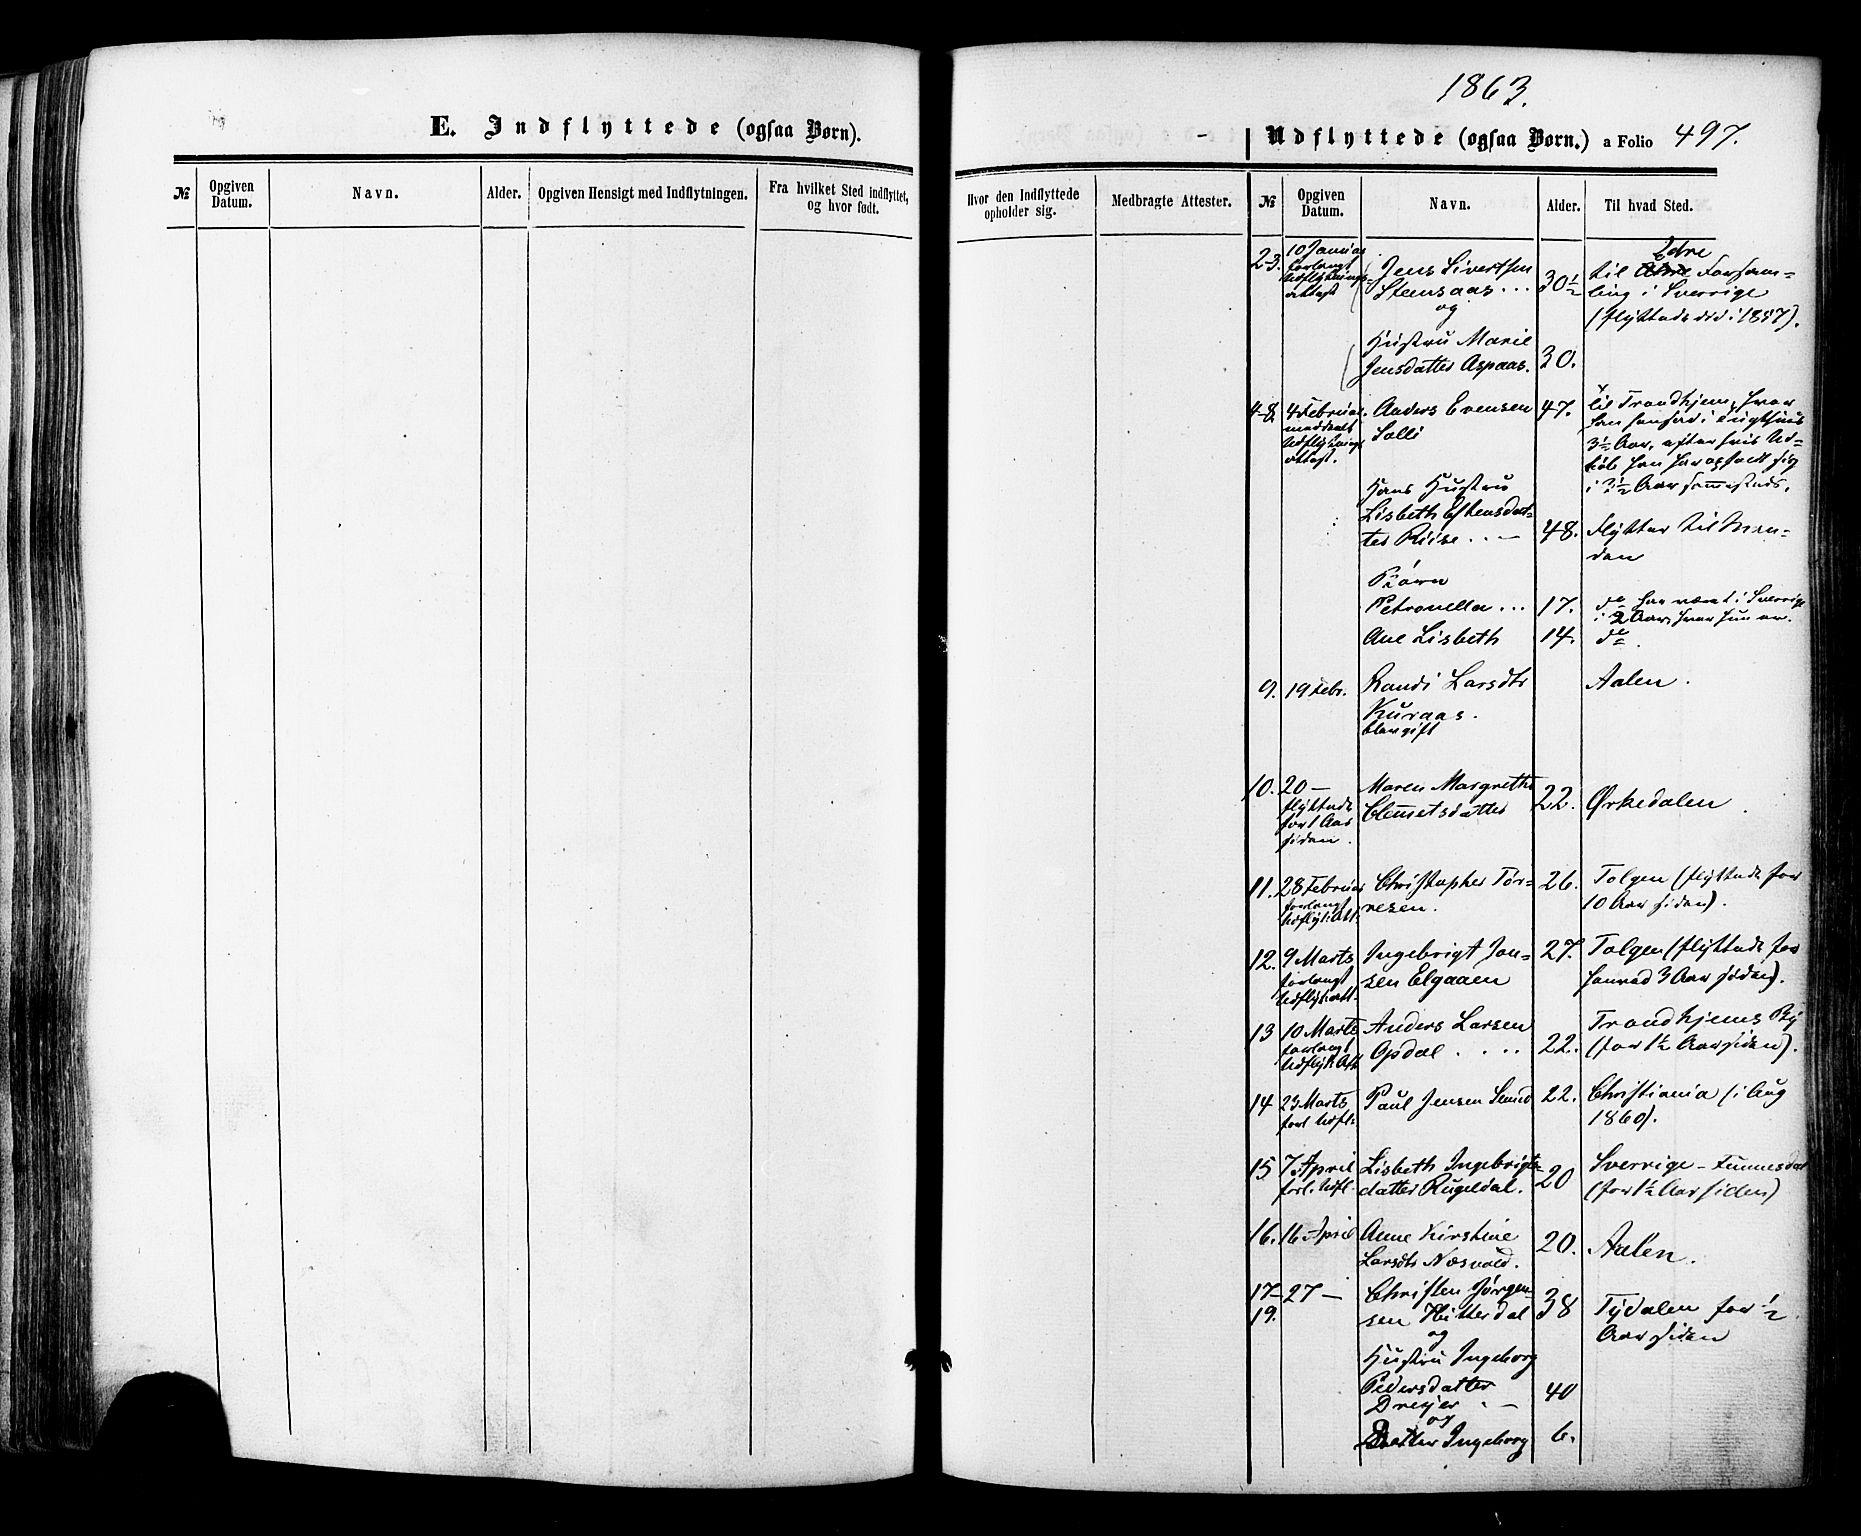 SAT, Ministerialprotokoller, klokkerbøker og fødselsregistre - Sør-Trøndelag, 681/L0932: Ministerialbok nr. 681A10, 1860-1878, s. 497